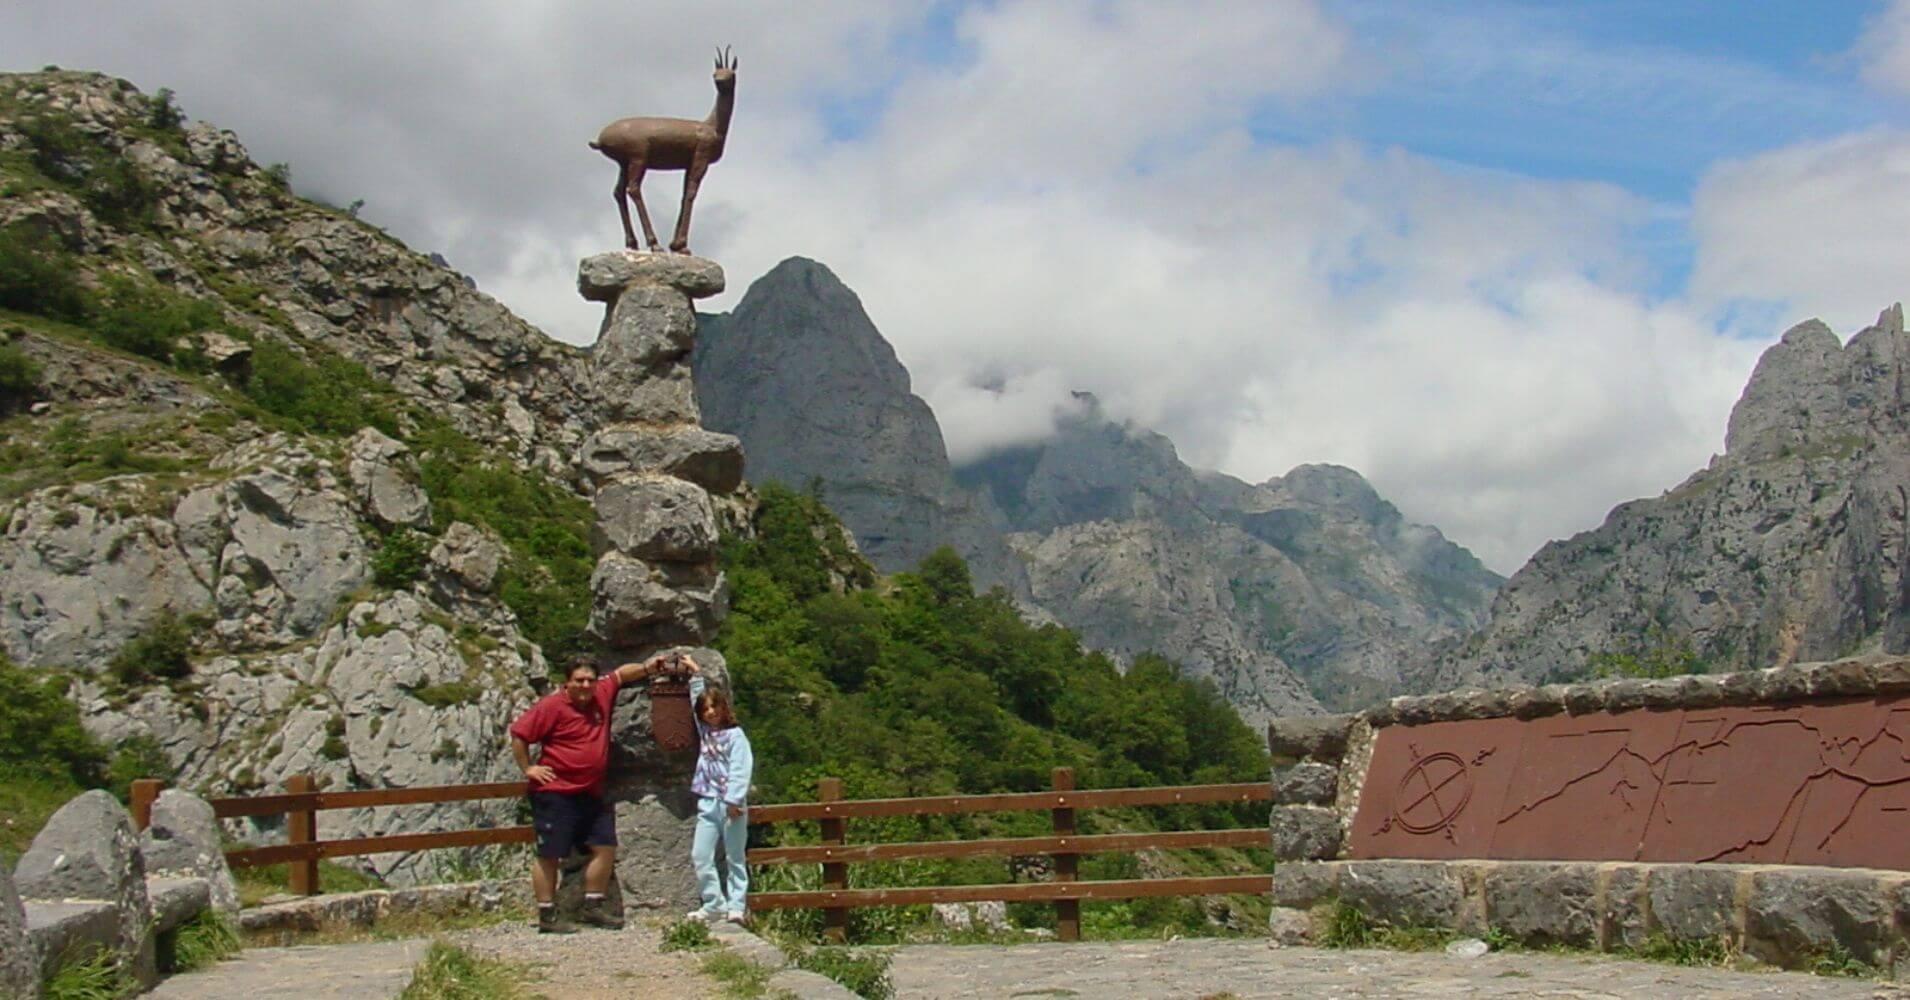 Mirador del Tombo, Posada del Valdeón. Parque Nacional de Picos de Europa. León.